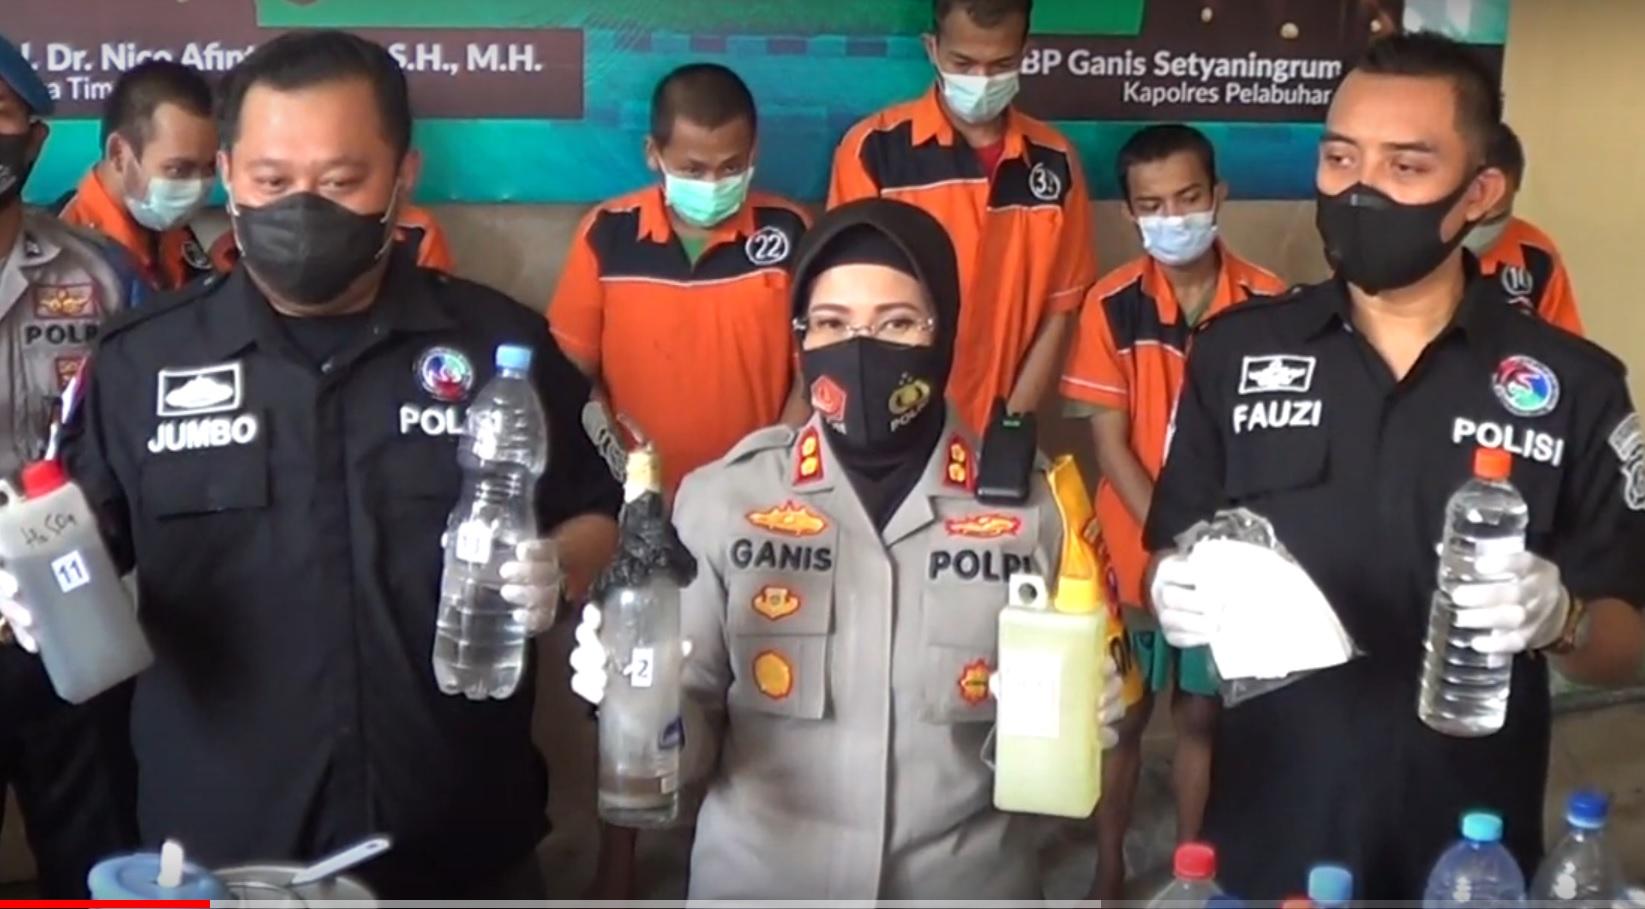 KapolrPelabuhan Tanjung Perak, AKBP Ganis Setyaningrum menunjukkan barang bukti bahan pembuatan sabu. (metrotv)